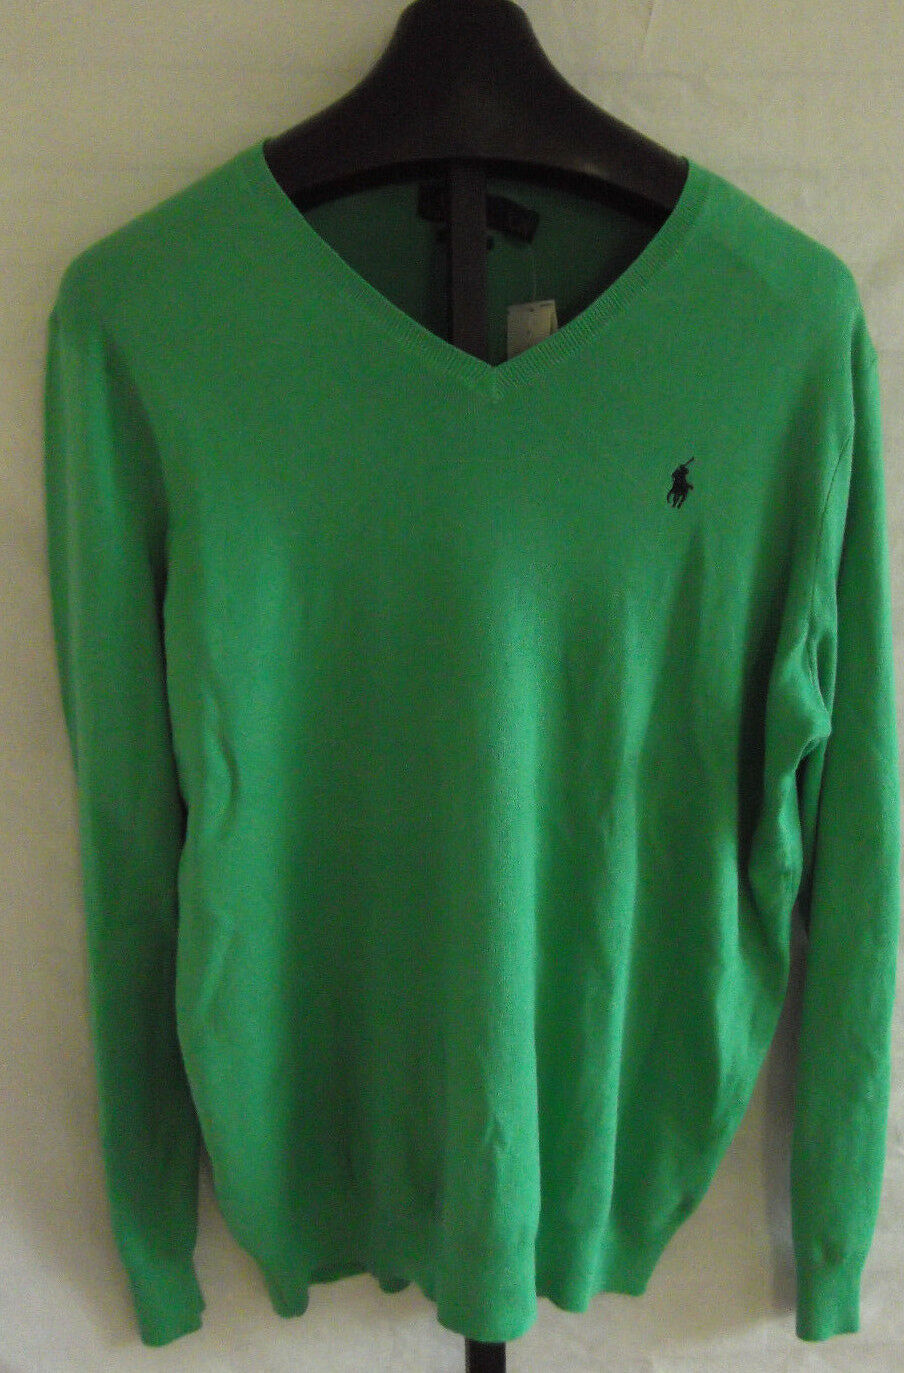 NWT Polo Ralph Lauren Tiller Grün Pima cotton Thin Knit Sweater  Herren L Tall